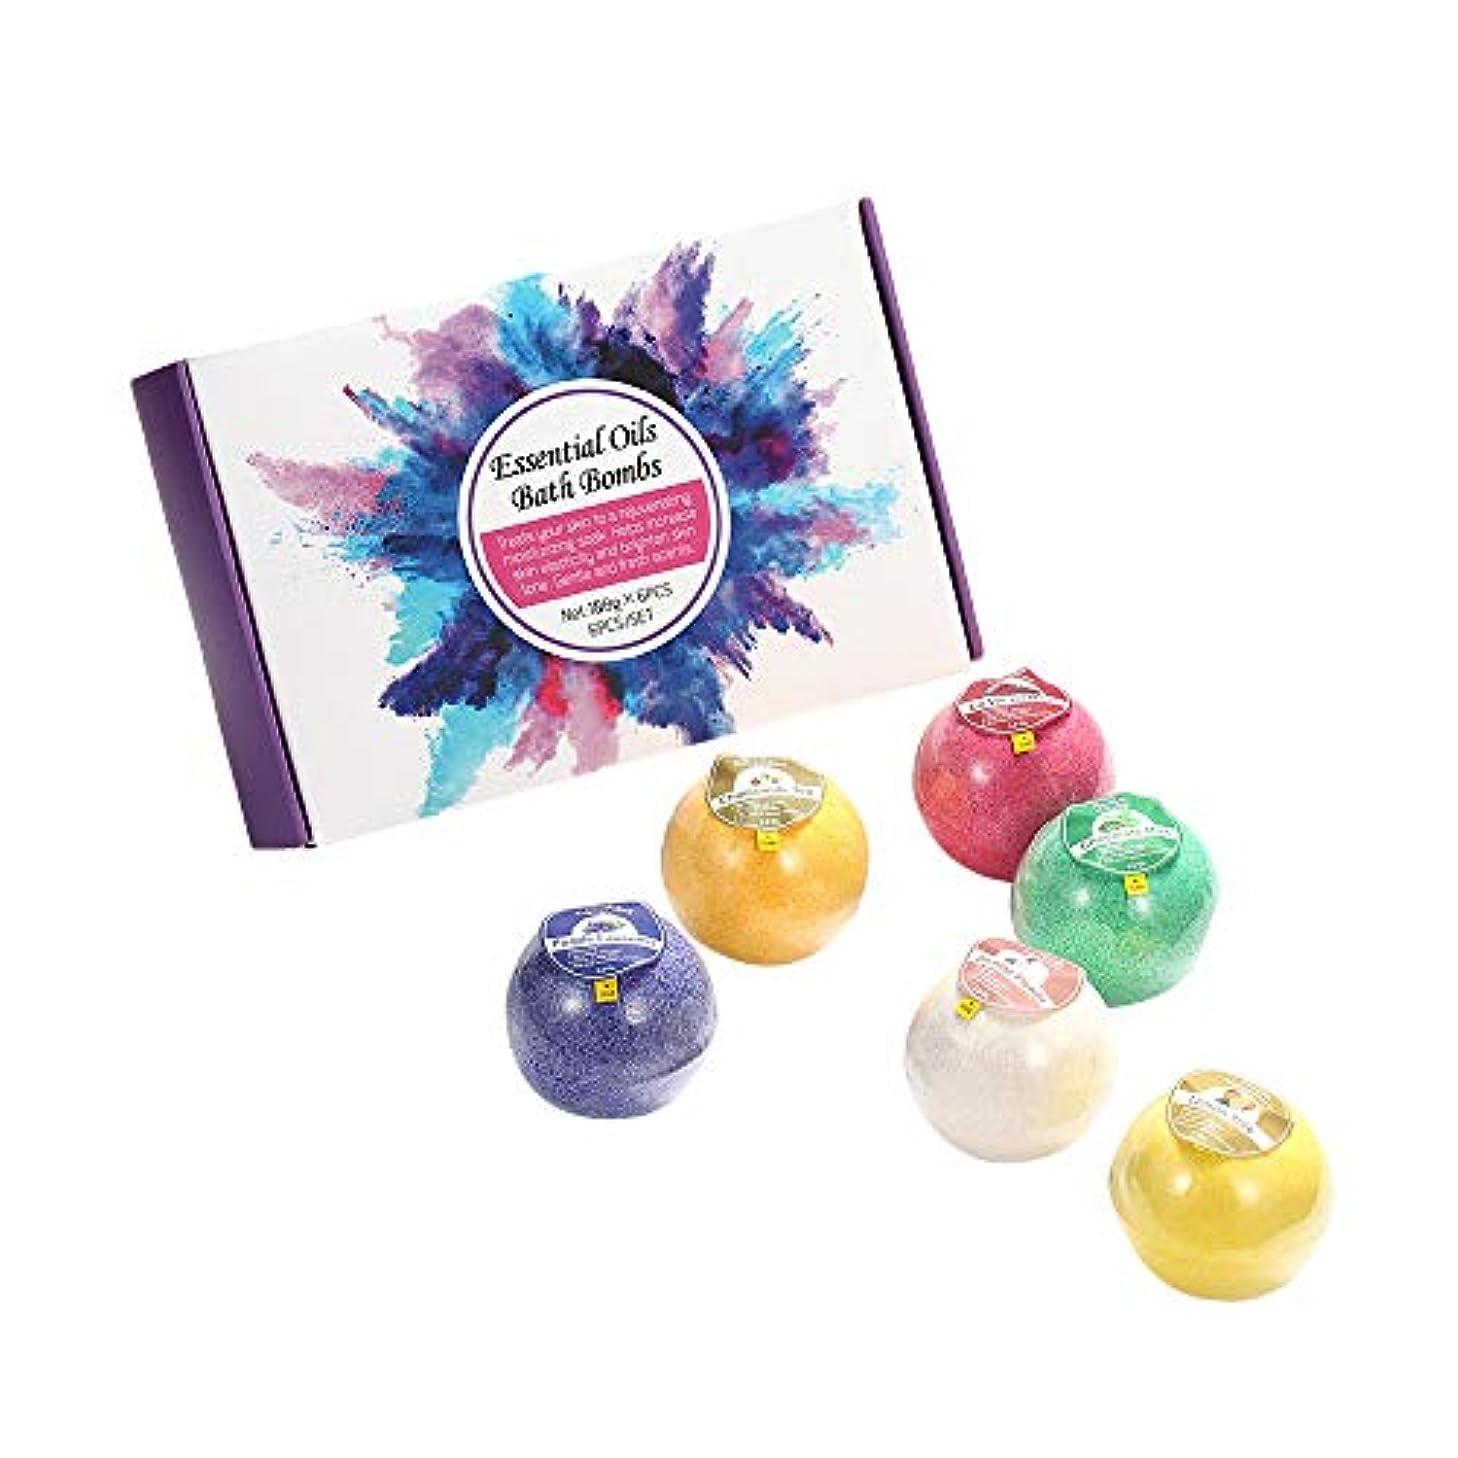 イタリック額感嘆お風呂爆弾セット-海塩dndエッセンシャルオイルバスボール、彼女/彼のための最高の誕生日プレゼントのアイデア